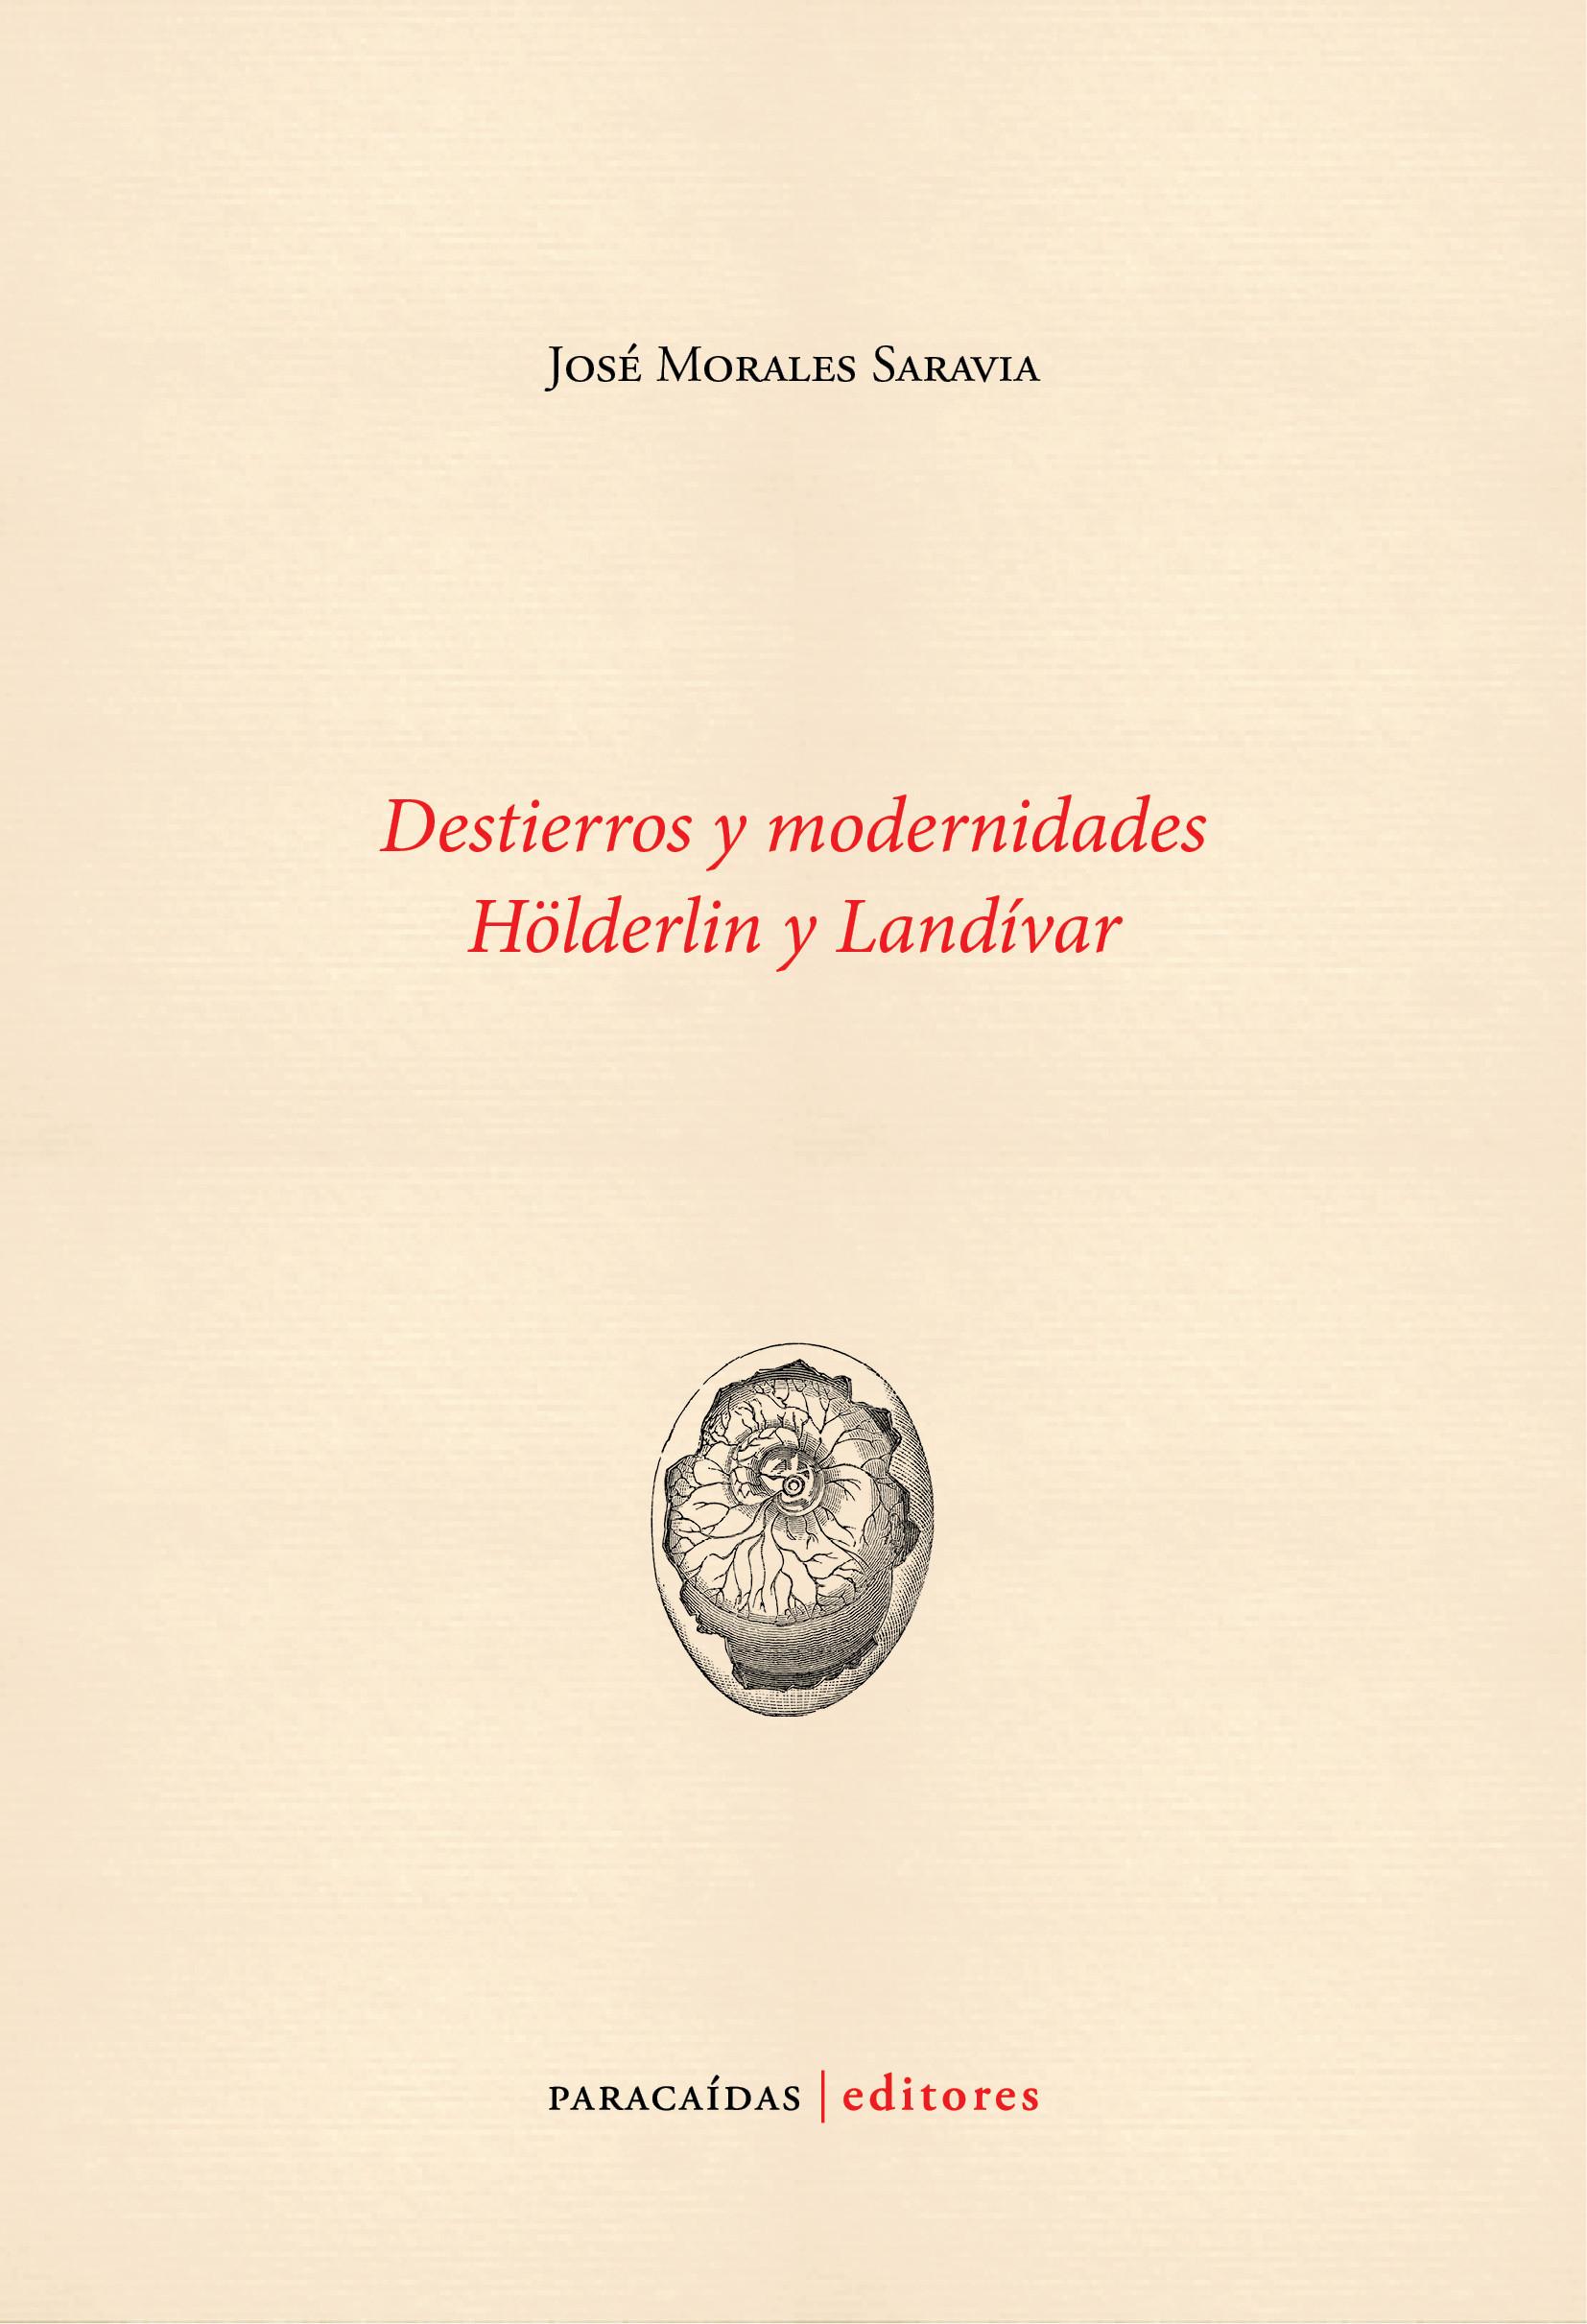 Destierros y modernidades. Hölderlin y Landívar